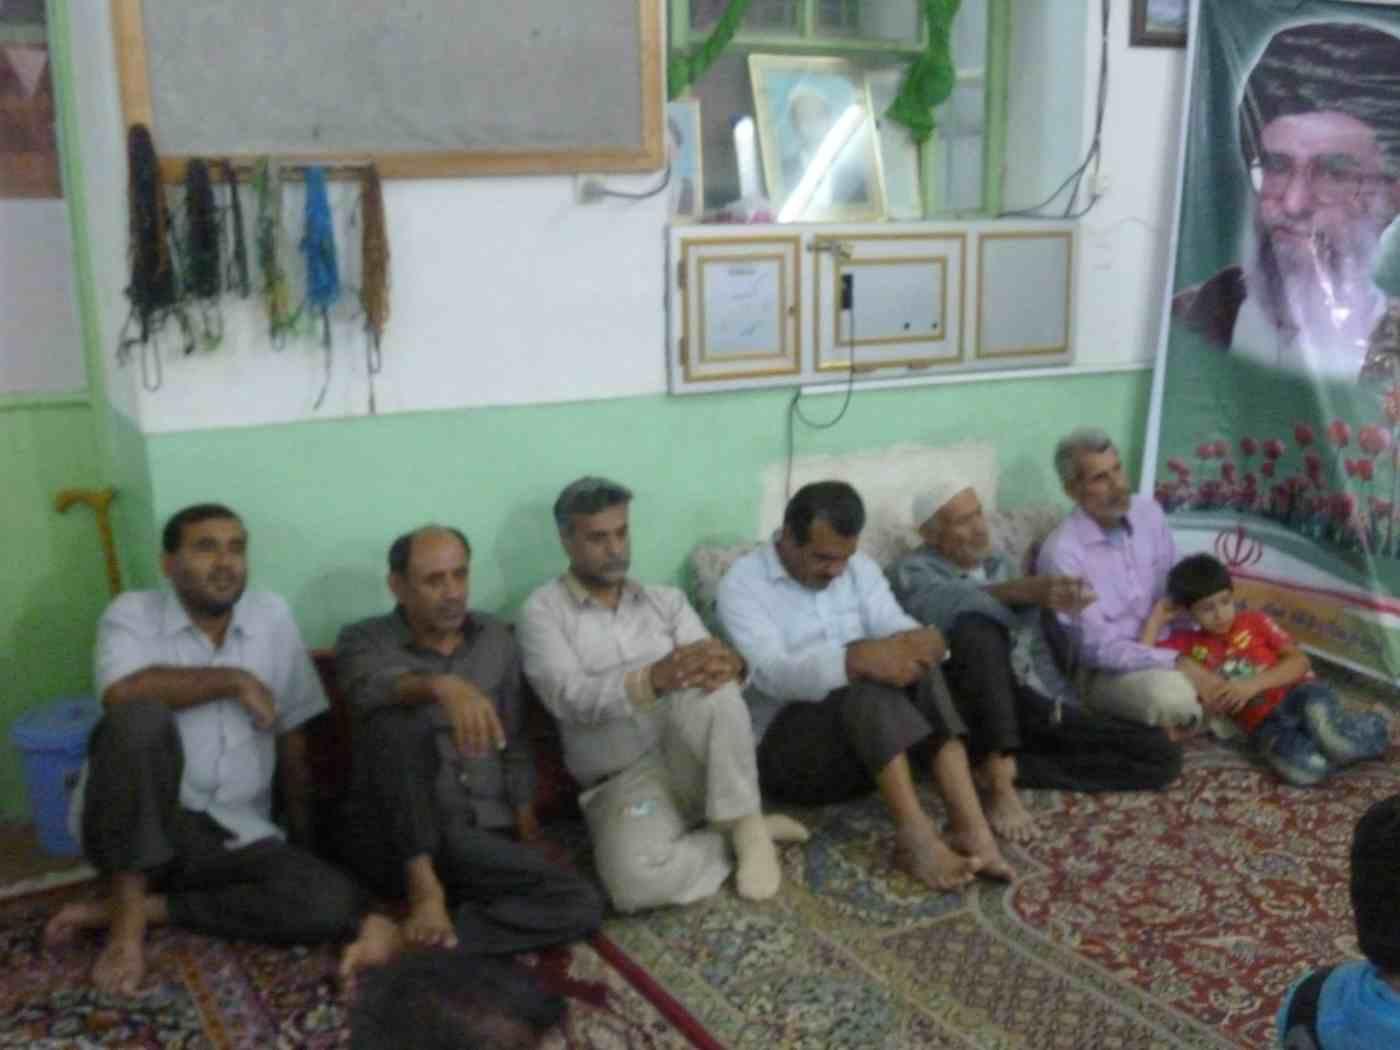 جشن میلاد امام حسن مجتبی(ع) مرداد 92 (15)